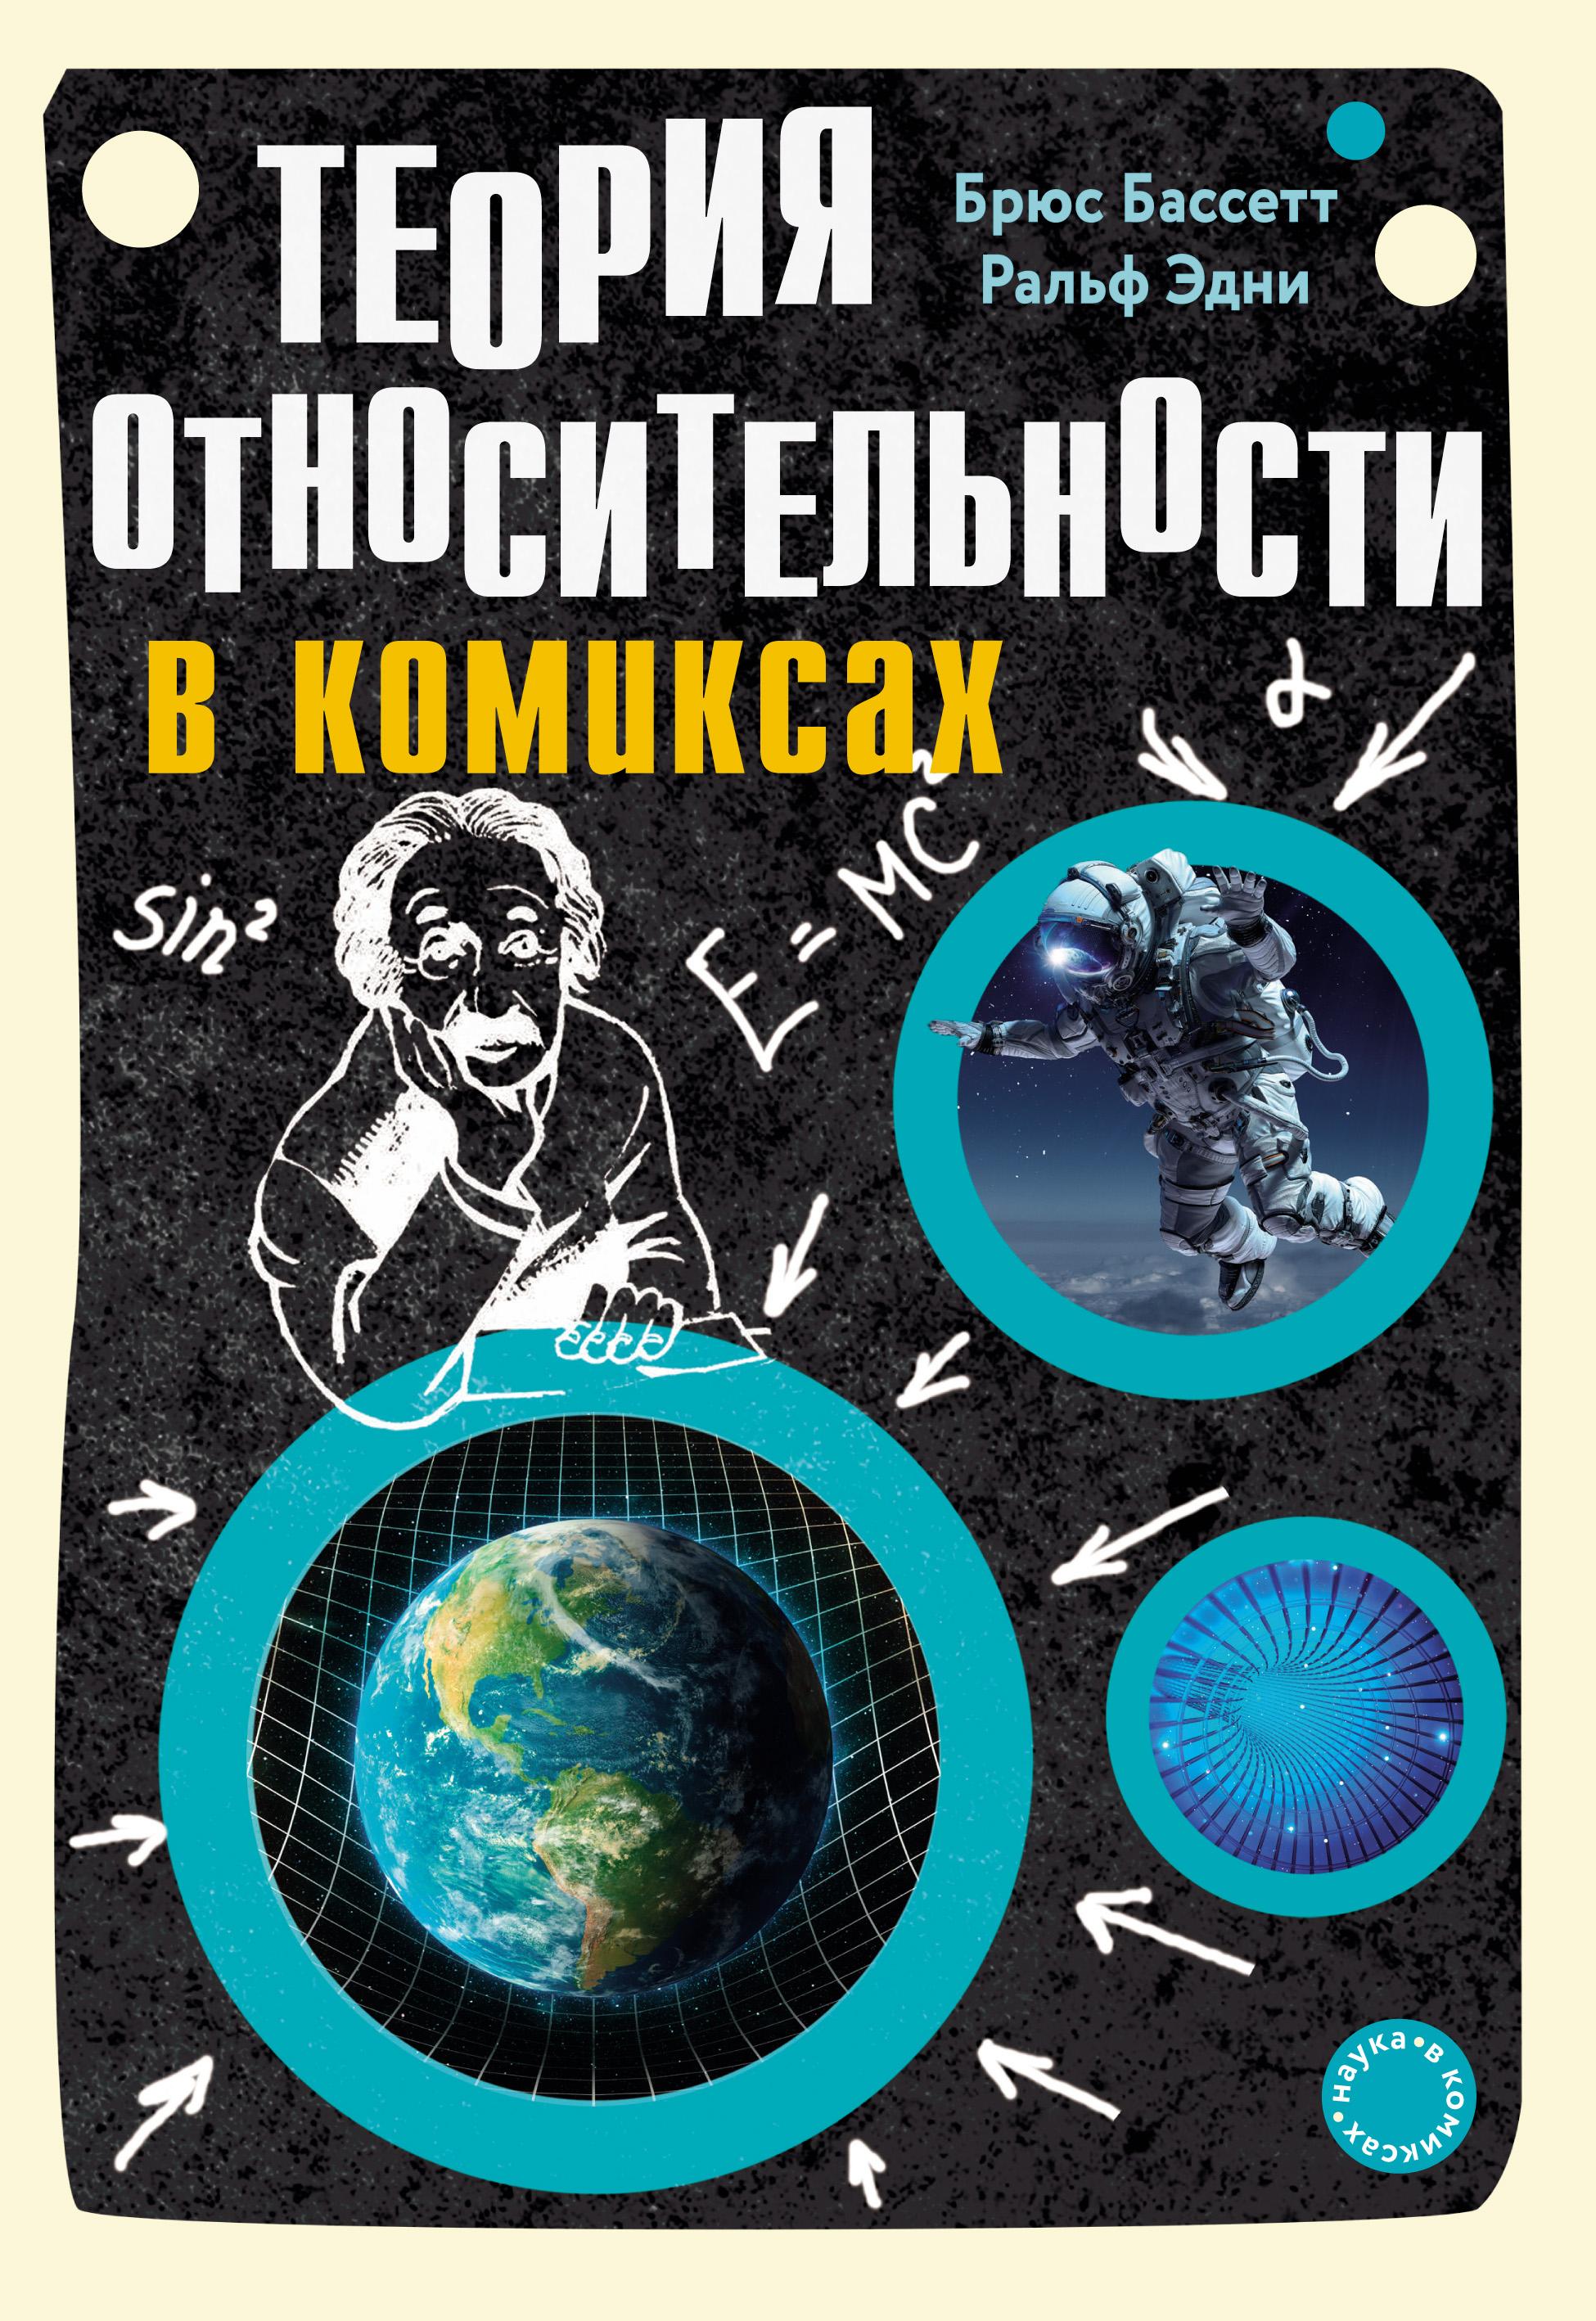 Брюс Бассетт Теория относительности в комиксах о д хвольсон теория относительности а эйнштейна и новое миропонимание